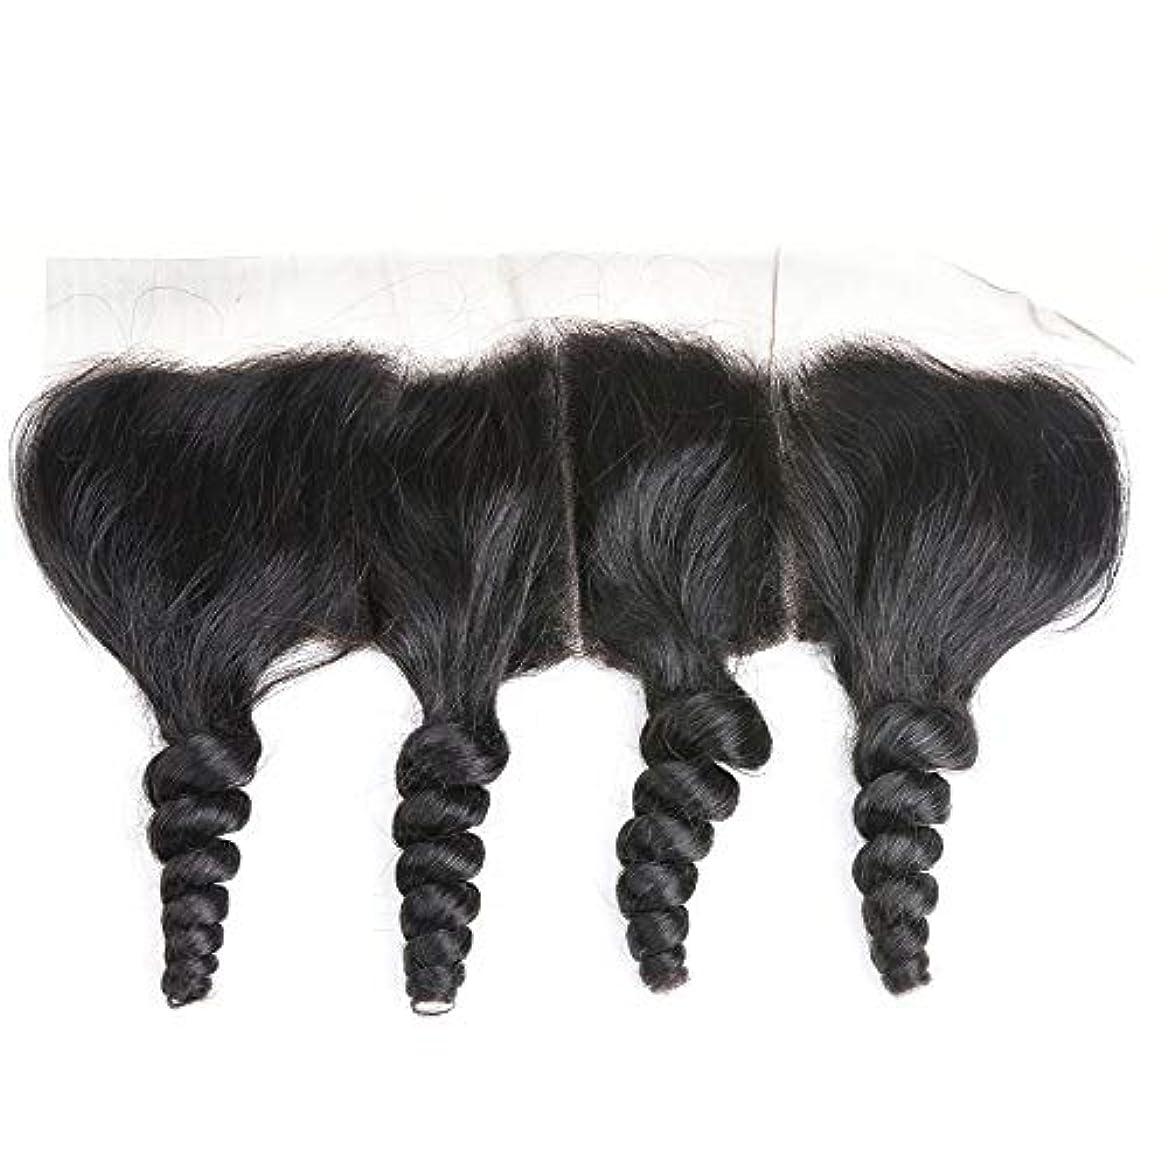 モーター心臓害虫WASAIO レース閉鎖緩い波ブラジルバージン人間の髪の毛の自然な色 (サイズ : 16 inch)